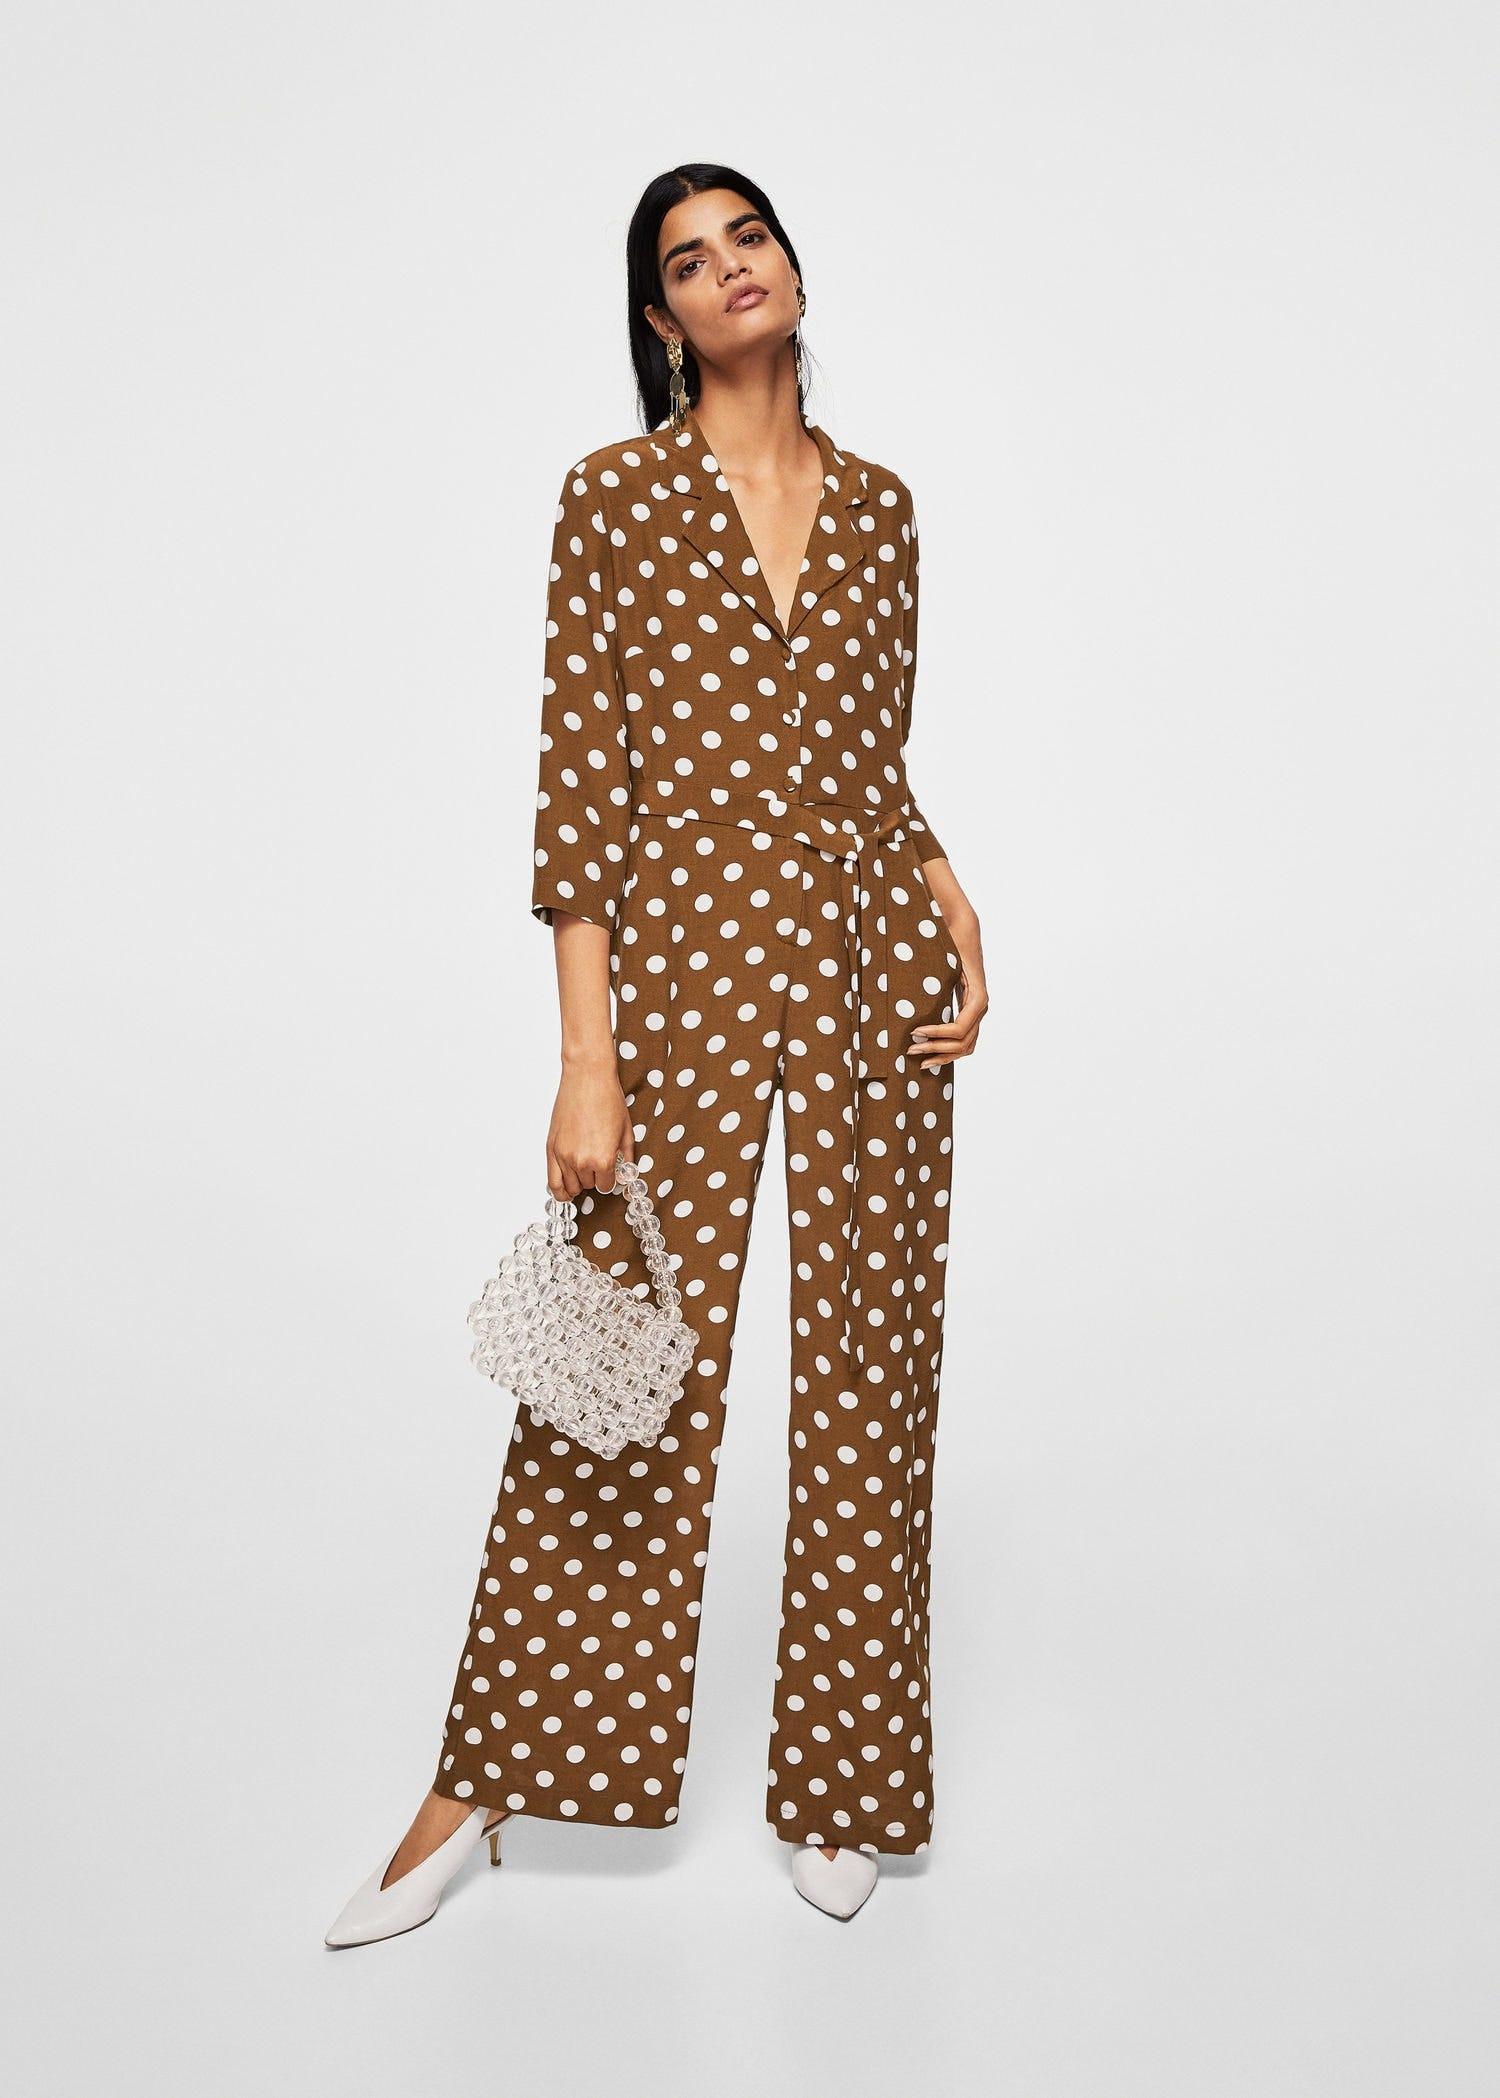 Brown Polka Dot Trend Pretty Woman Polo Match Dress